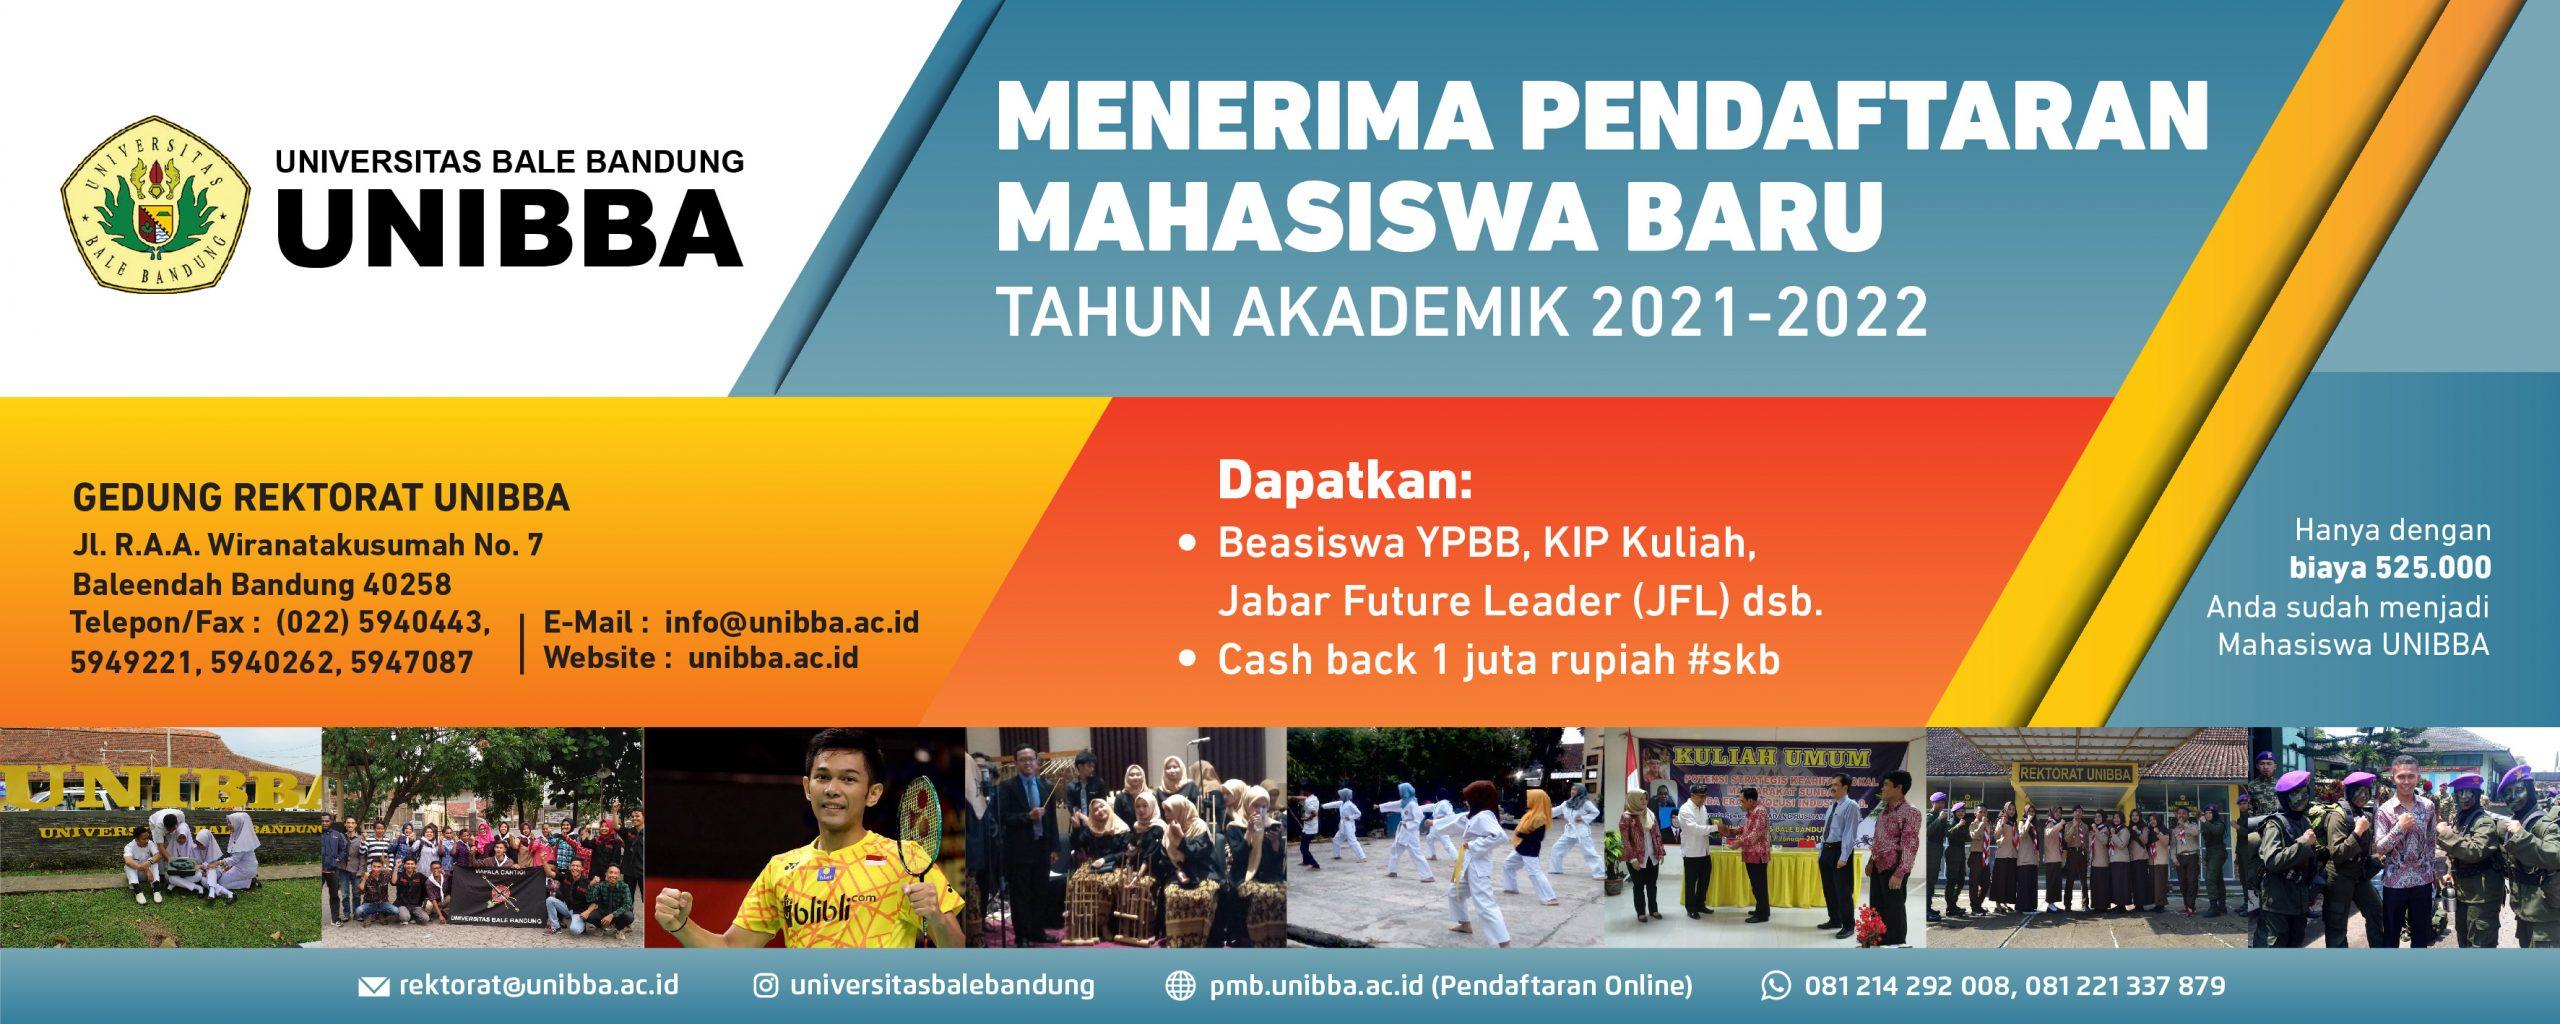 Informasi Penerimaan Mahasiswa Baru Tahun Akademik 2021/2022